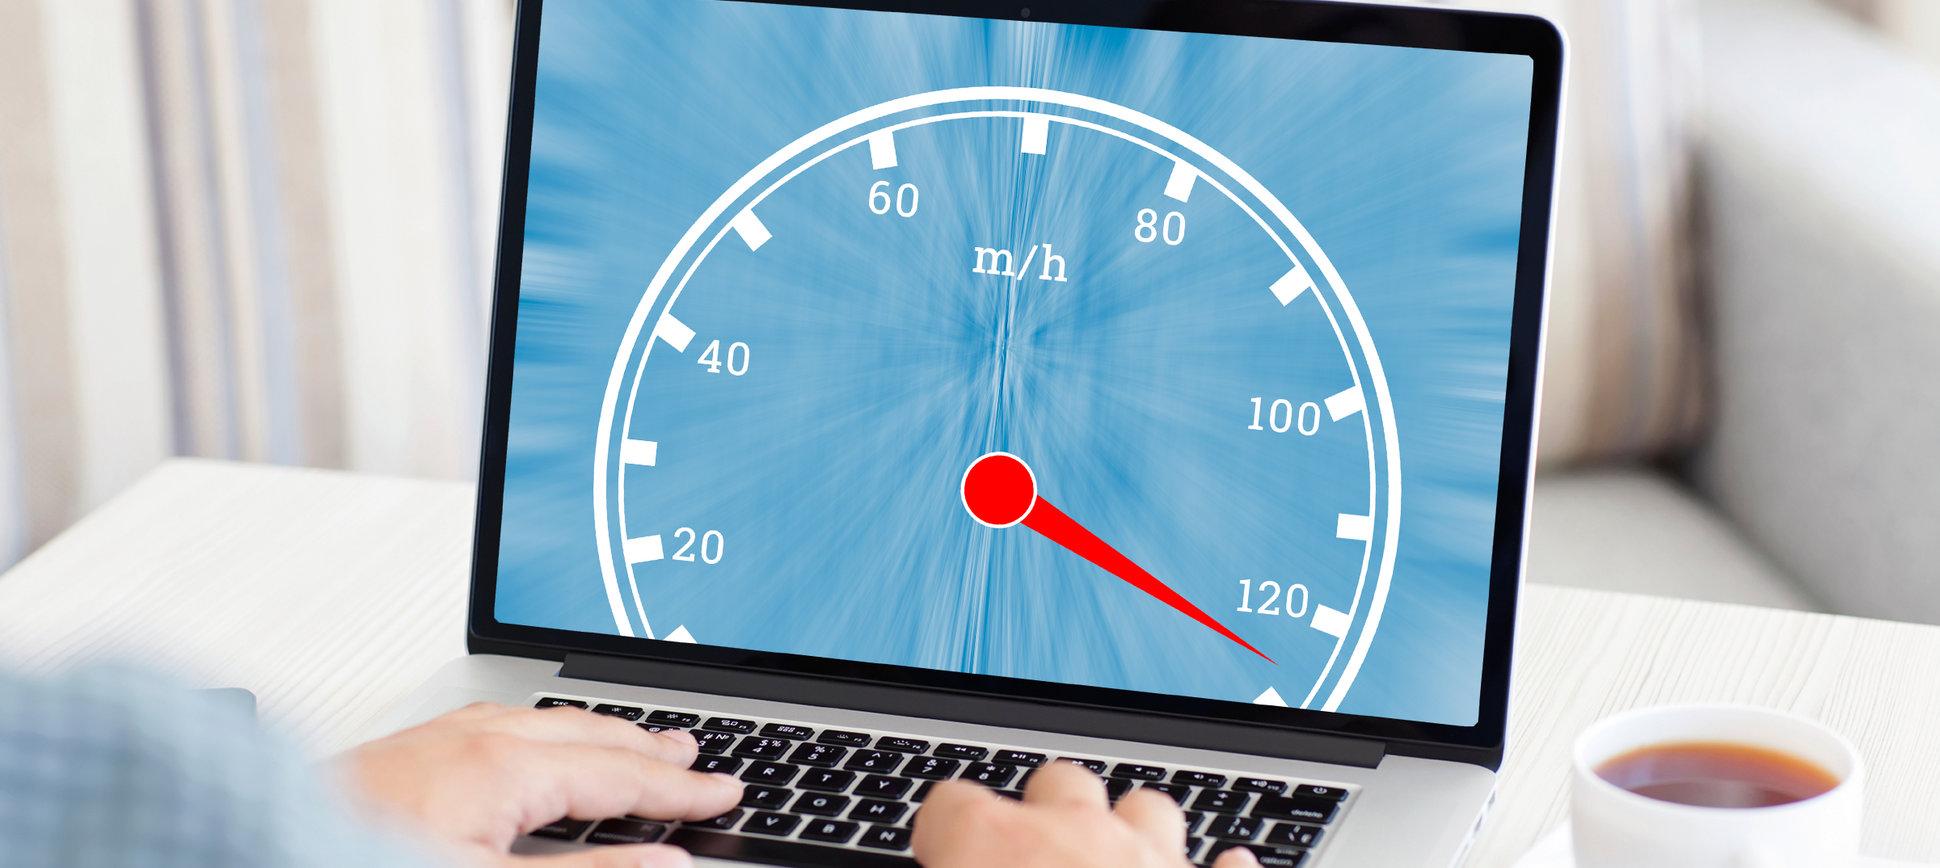 Bilgisayarınızın hızı nasıl arttırılır?